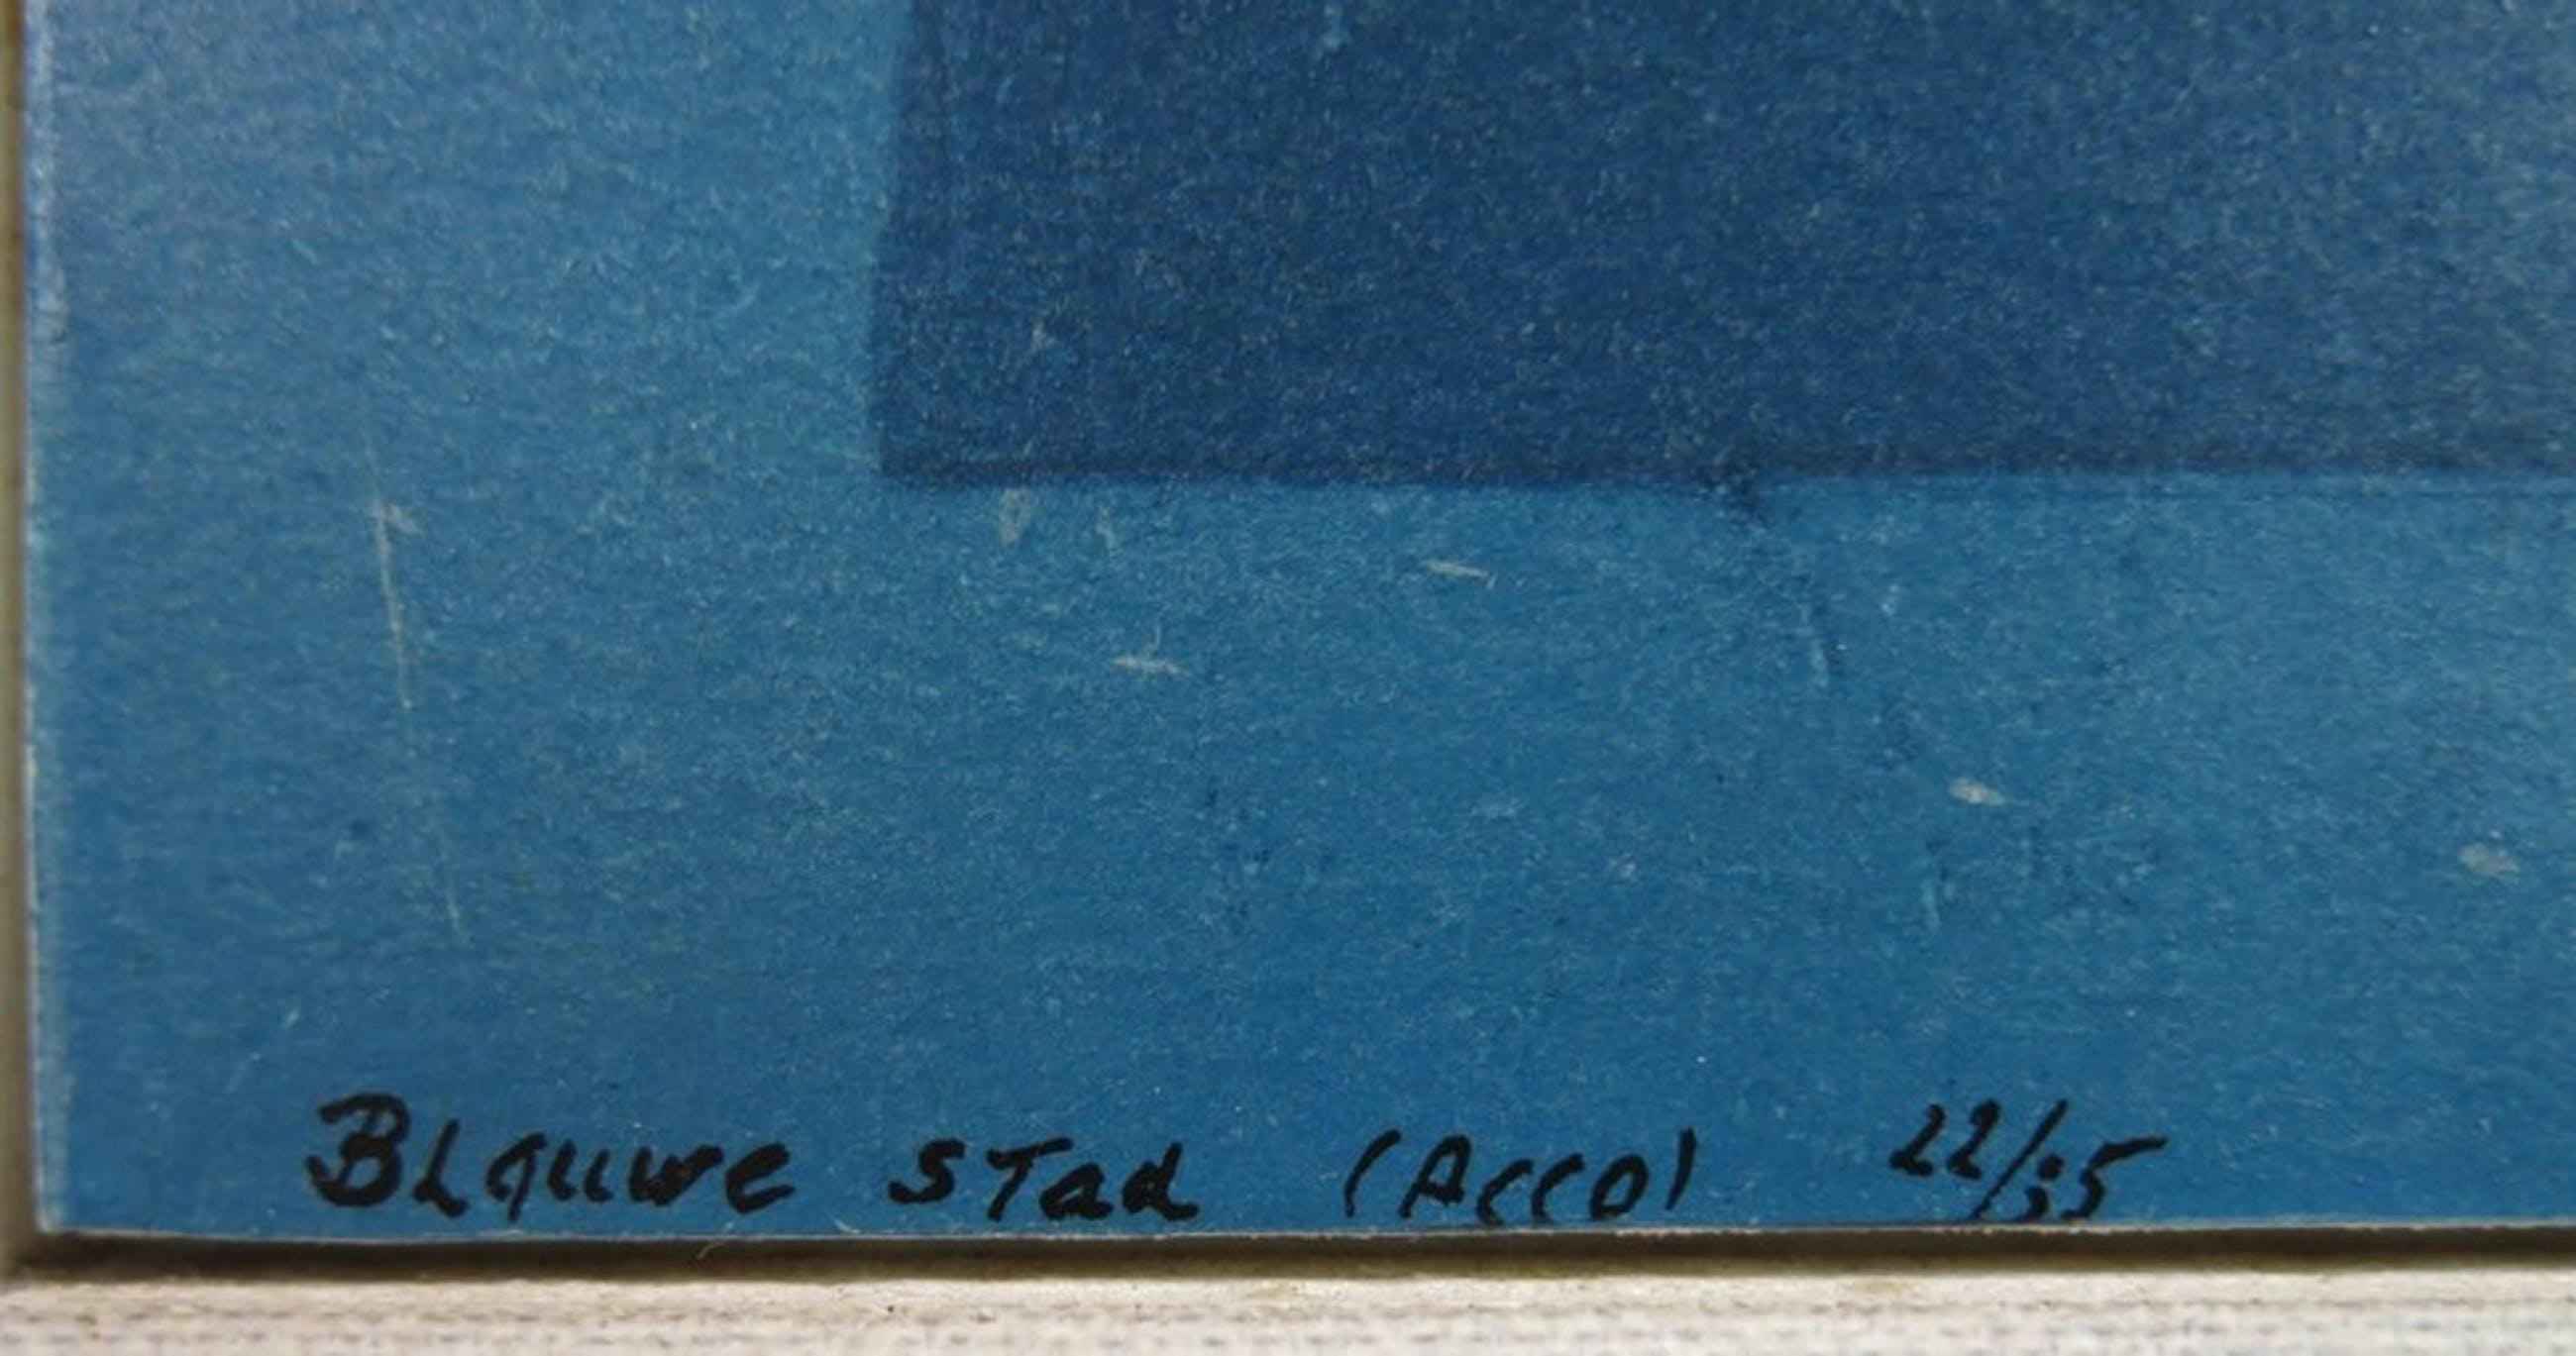 Ru van Rossem: Ets en Reliefdruk op paneel, Blauwe Stad (Acco) - Ingelijst kopen? Bied vanaf 1!